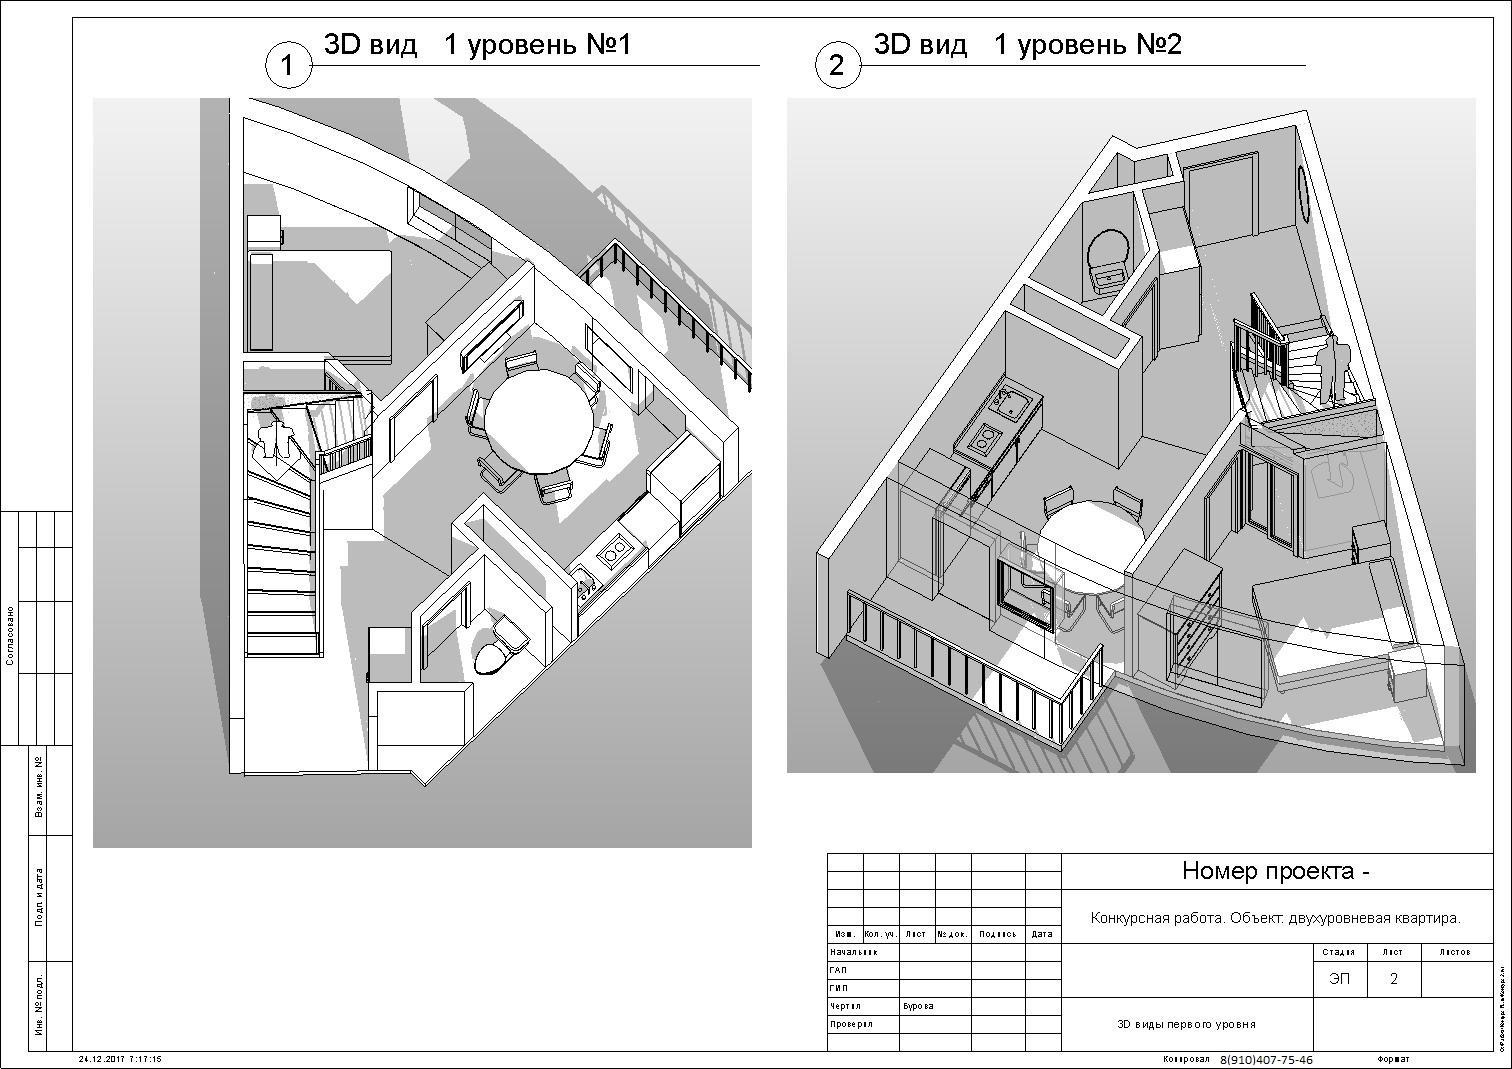 Планировочное решение для 2-уровневой кв.37,5м фото f_7425a3f3570b0a19.jpg